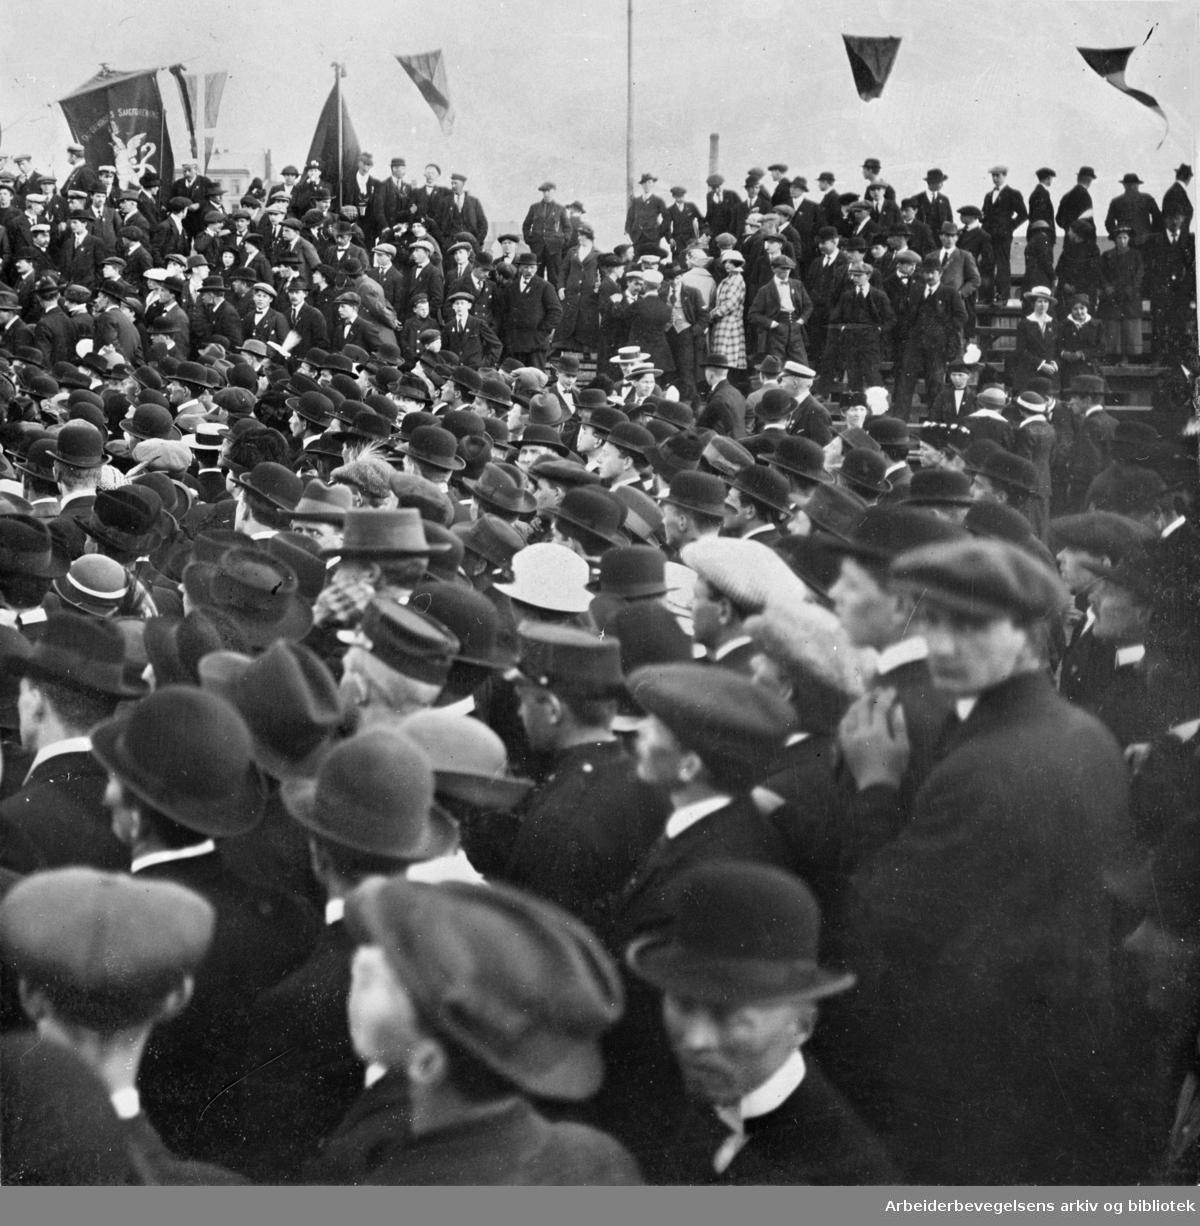 1. mai 1915 på Bislett stadion. I alt var 30.000 mennesker samlet på Bislett stadion, 15.000 av disse hadde deltatt i 1. mai toget. Dagen var preget av antimilitaristiske paroler og protester mot voldgiftsloven.